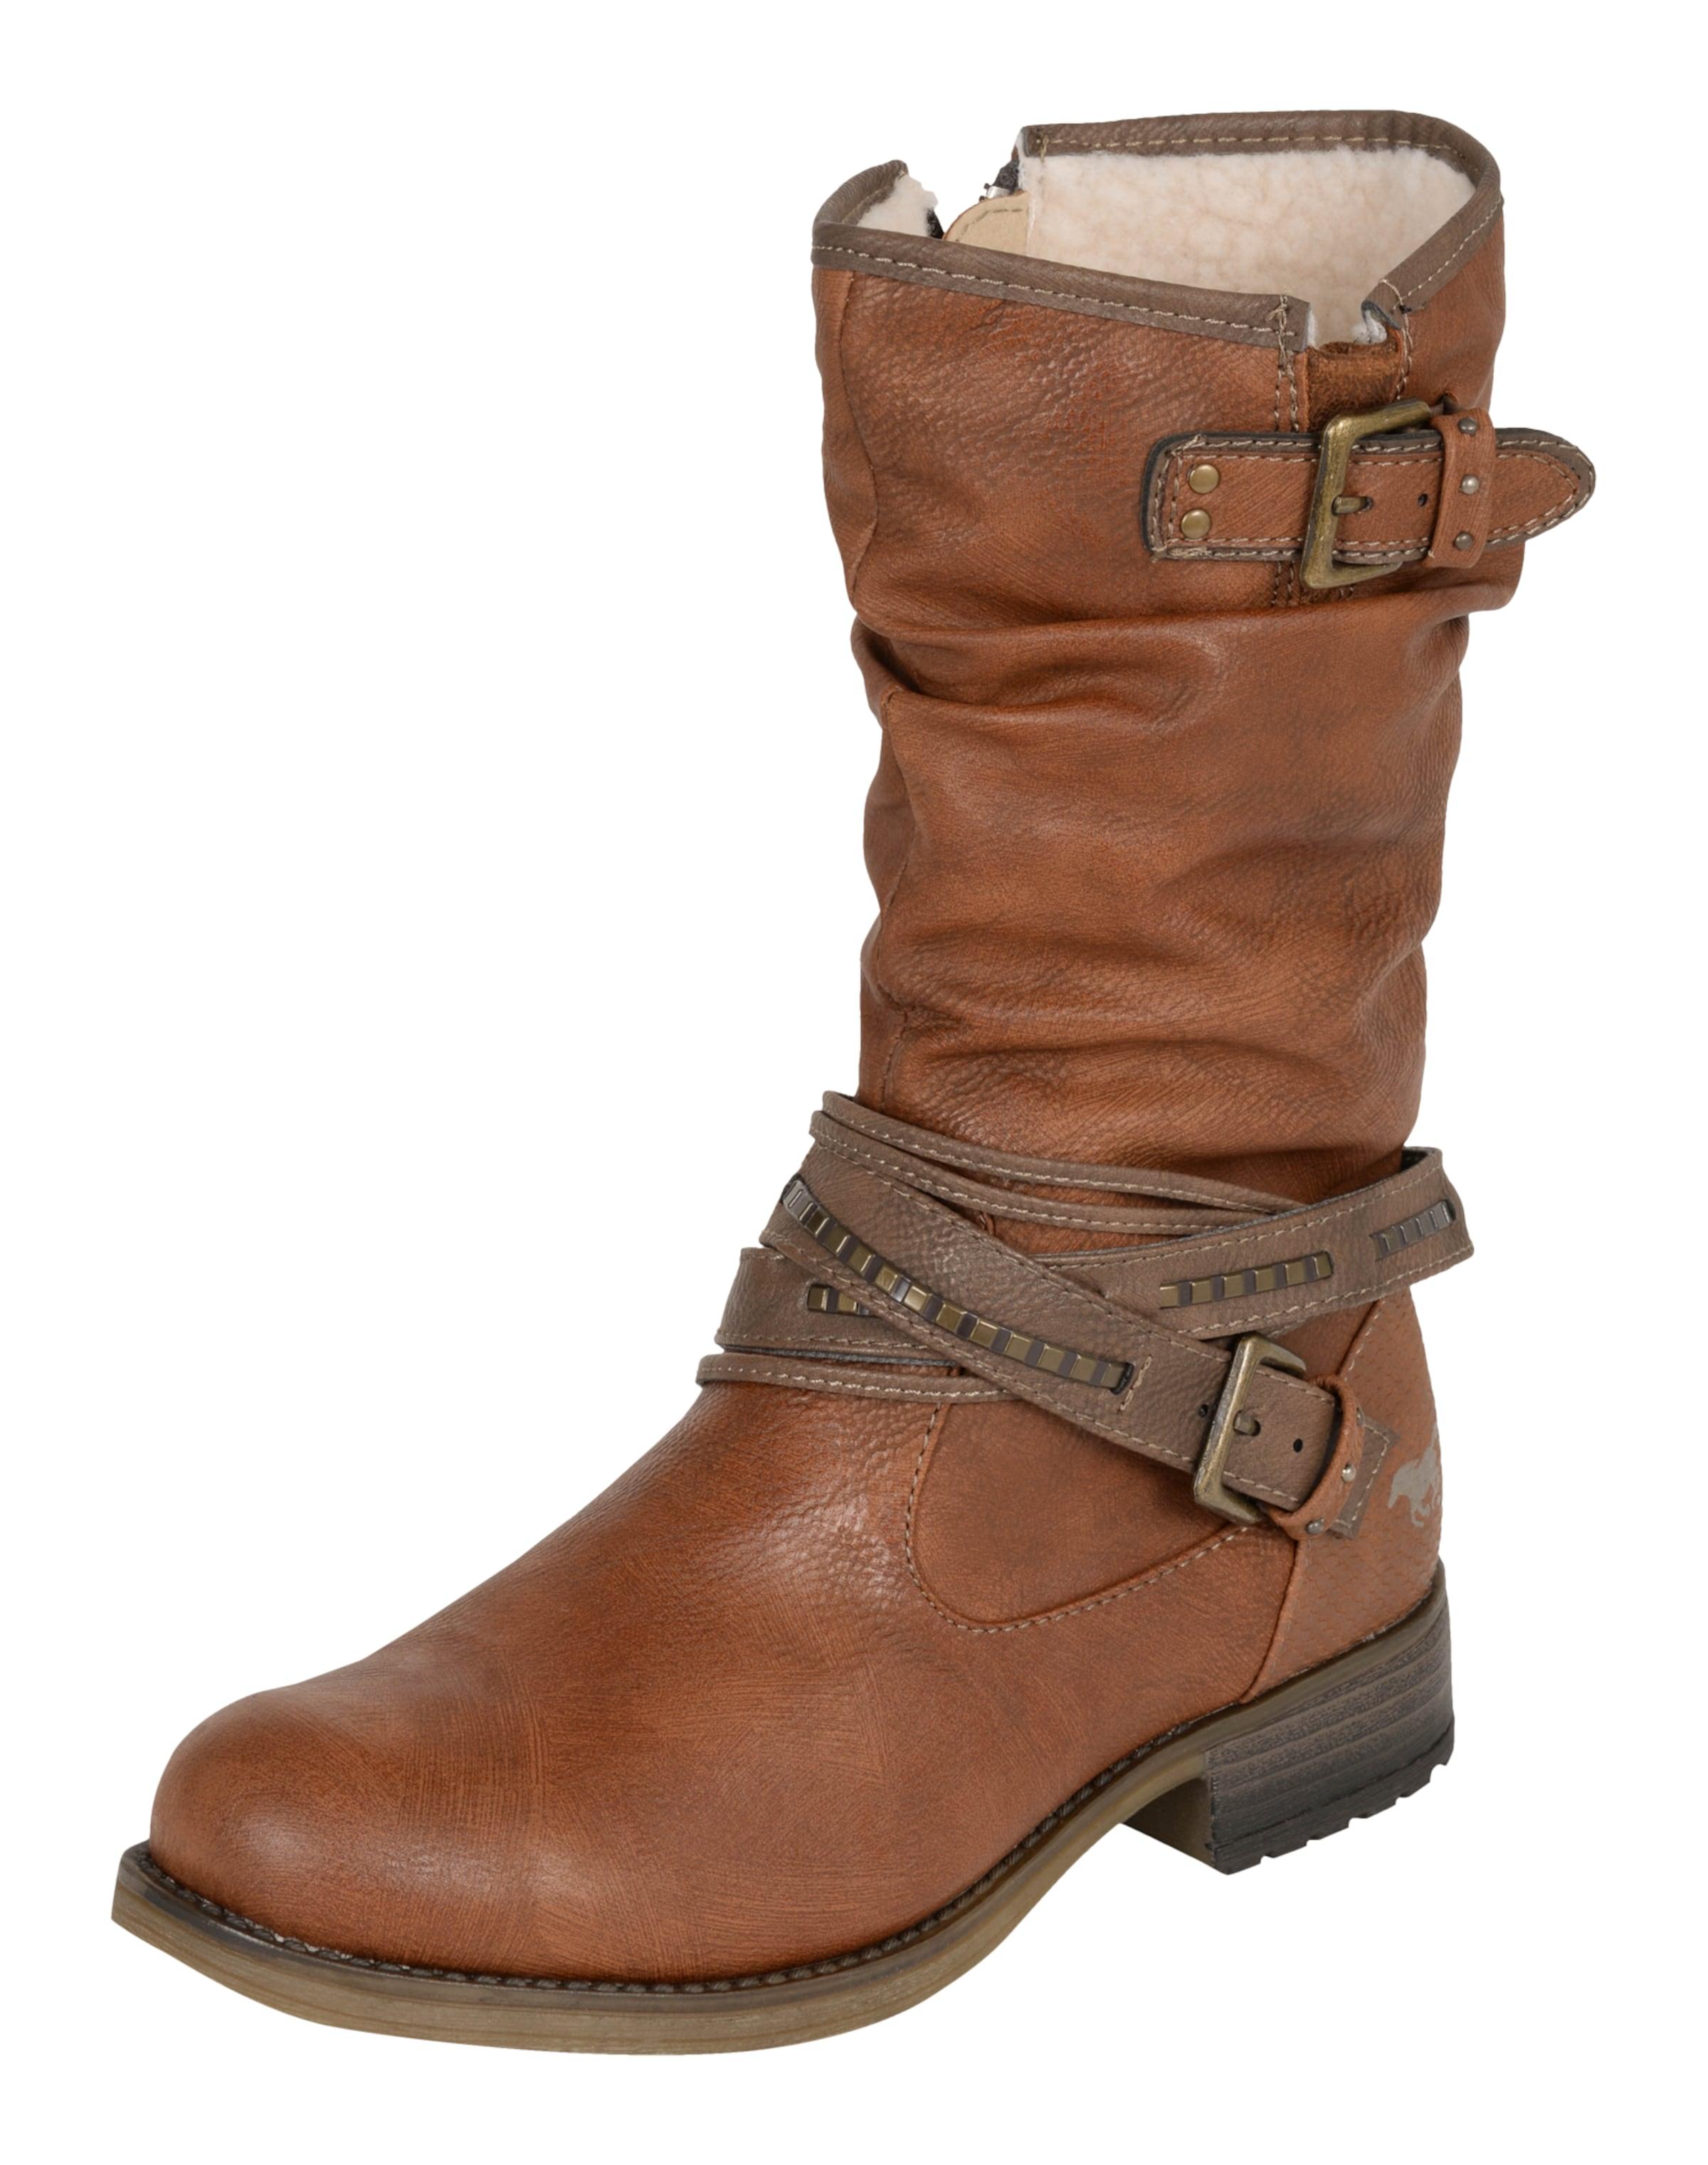 Rabatt Ebay Rabatt Finden Große MUSTANG Stiefel mit Riemen 6pMfEG9k